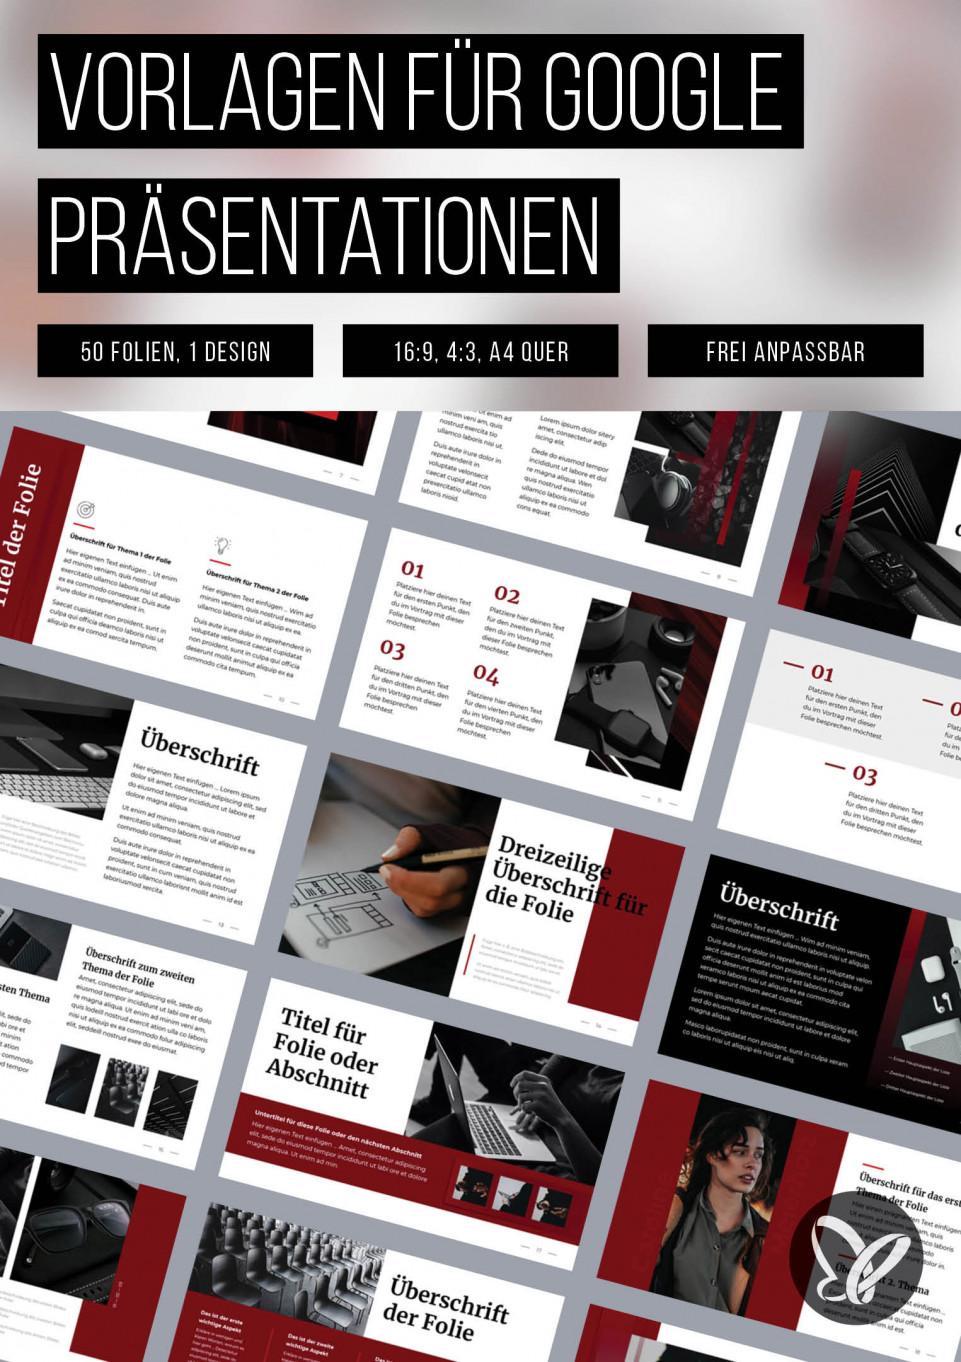 Google Präsentationen: Vorlagen in klassischem Rot und Weiß